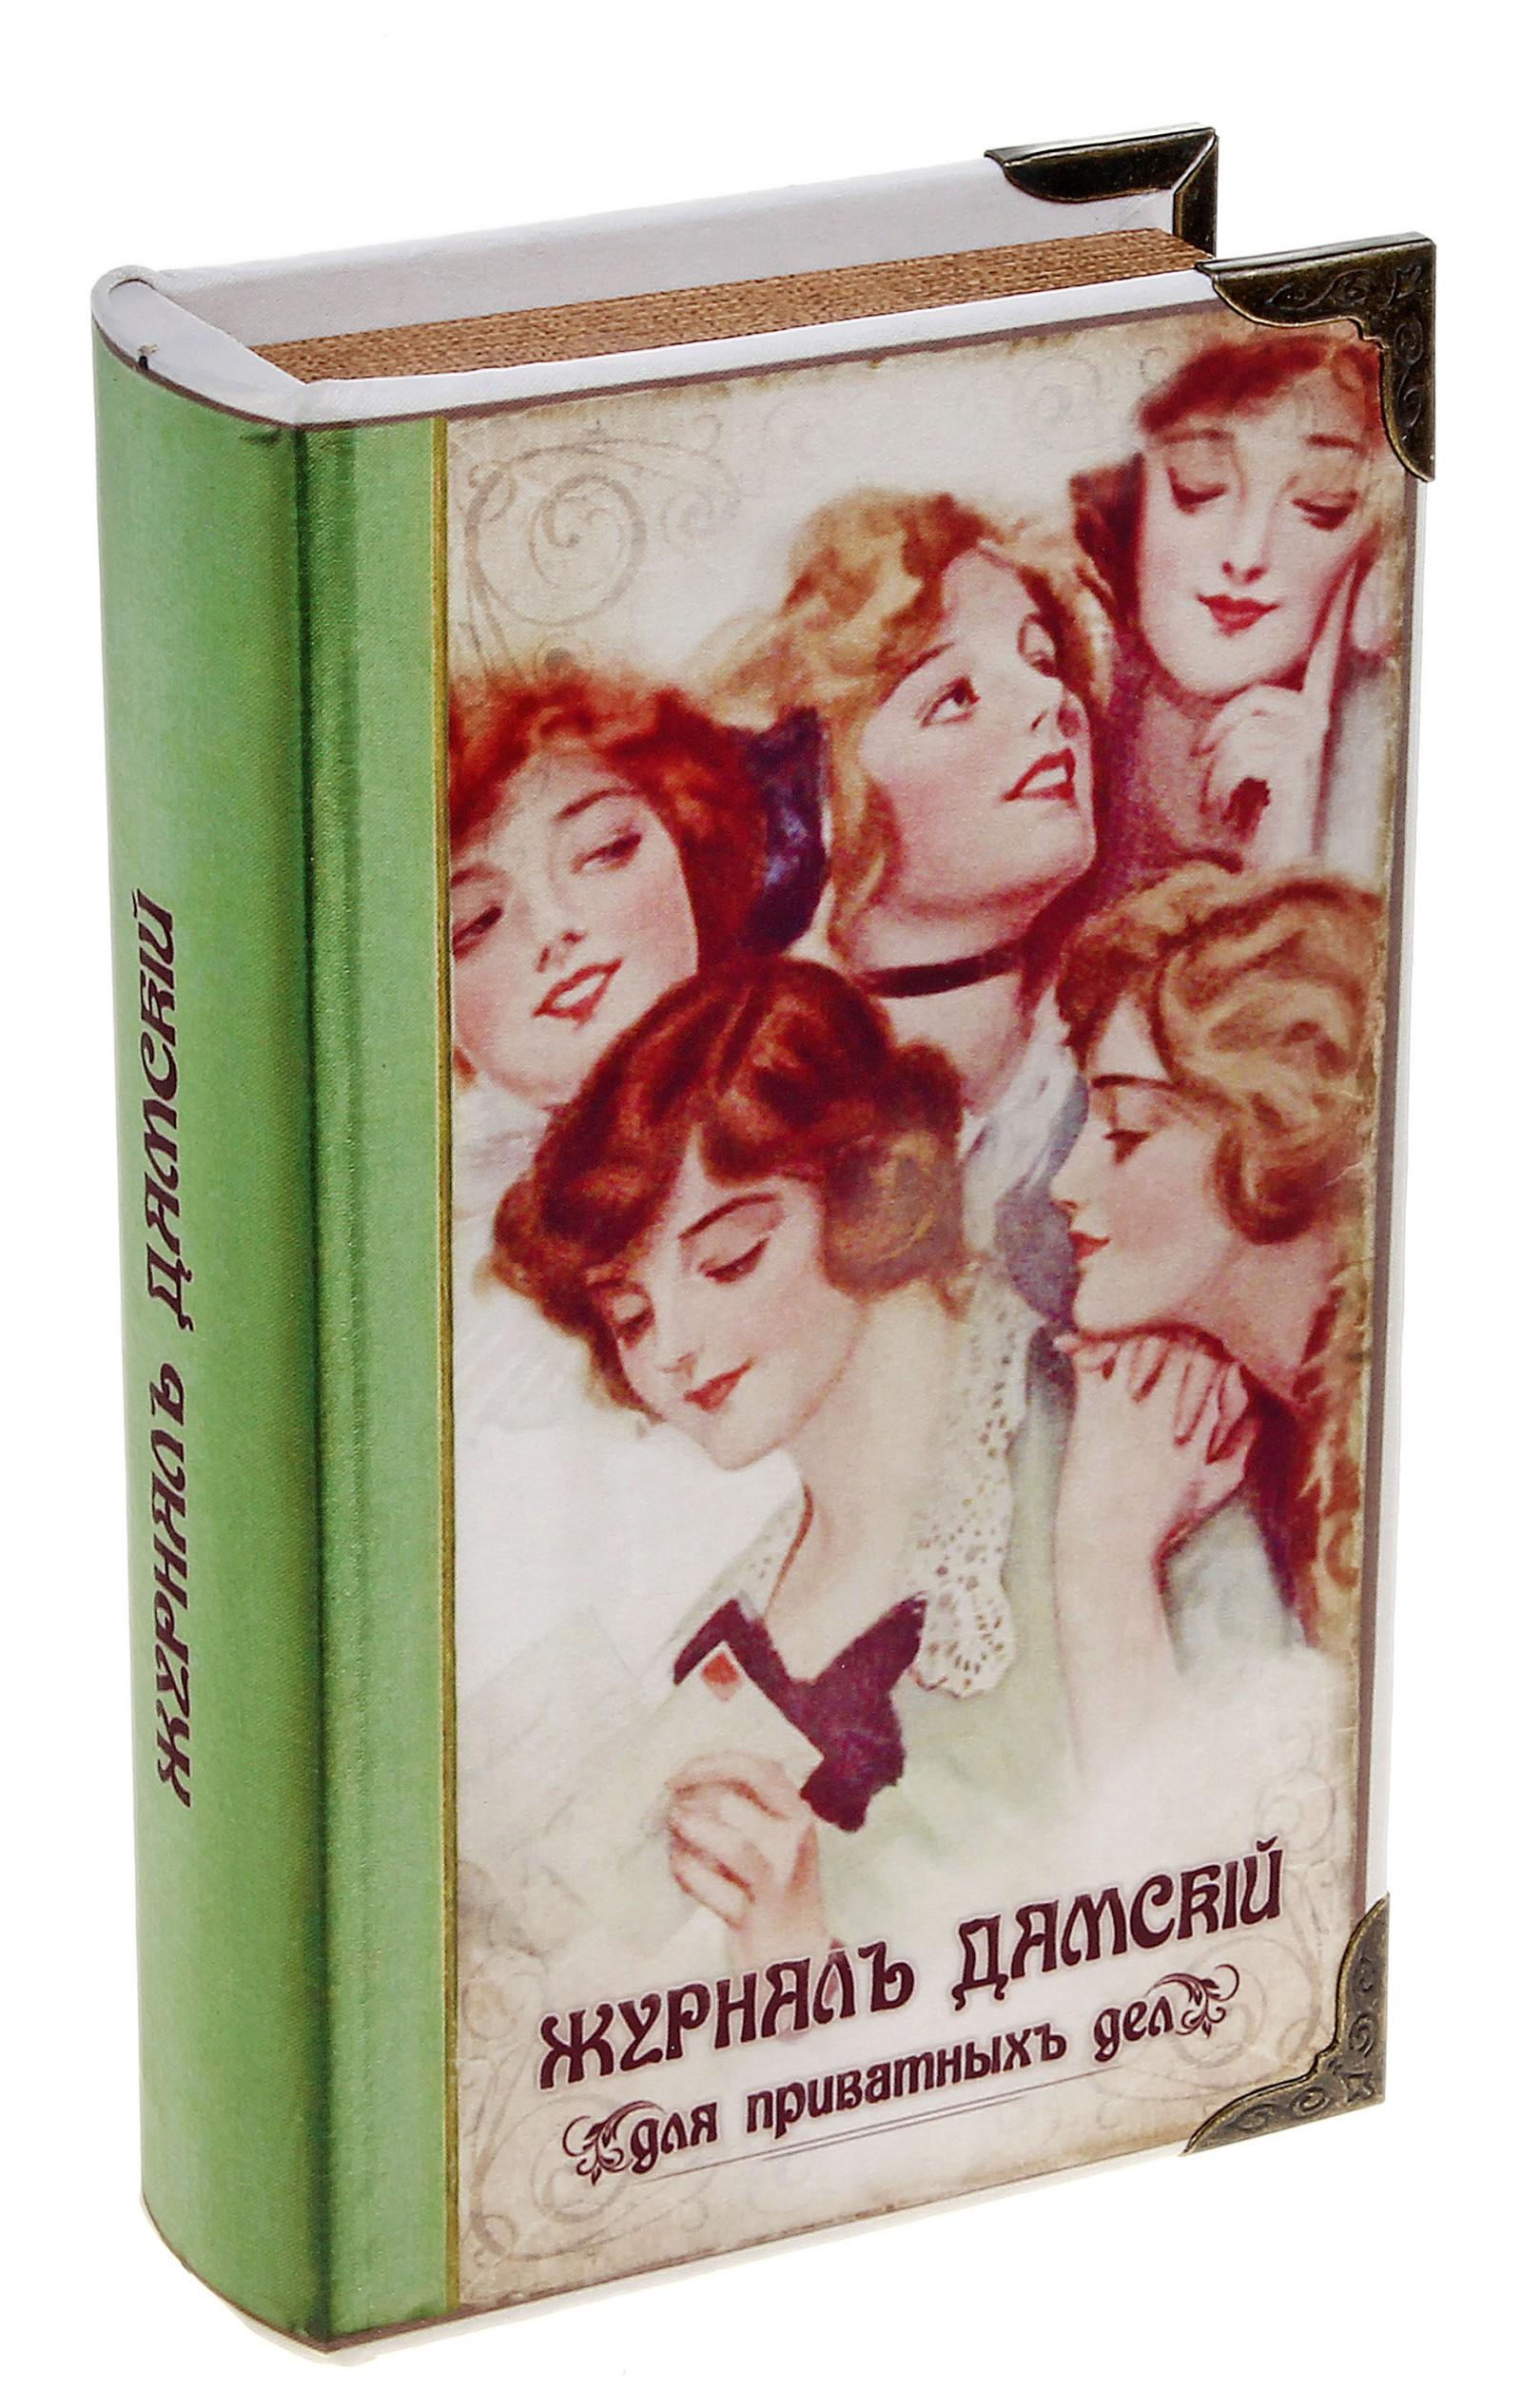 Шкатулка-книга Дамский журнал480439Оригинальное оформление шкатулки, несомненно, привлечет внимание. Шкатулка изготовлена в виде книги из дерева, поверхность которой выполнена из шёлка и оформлена старой фотографией пяти молодых девушек и надписью Журнал дамский. Для приватных дел. Такая шкатулка может использоваться для хранения бижутерии, в качестве украшения интерьера, а также послужит хорошим подарком для человека, ценящего практичные и оригинальные вещицы. Характеристики:Материал: дерево, кожзам, шёлк, металл. Размер шкатулки (в закрытом виде): 17 см х 11 см х 5 см. Размер упаковки: 18 см х 12 см х 6 см. Артикул: 48043.